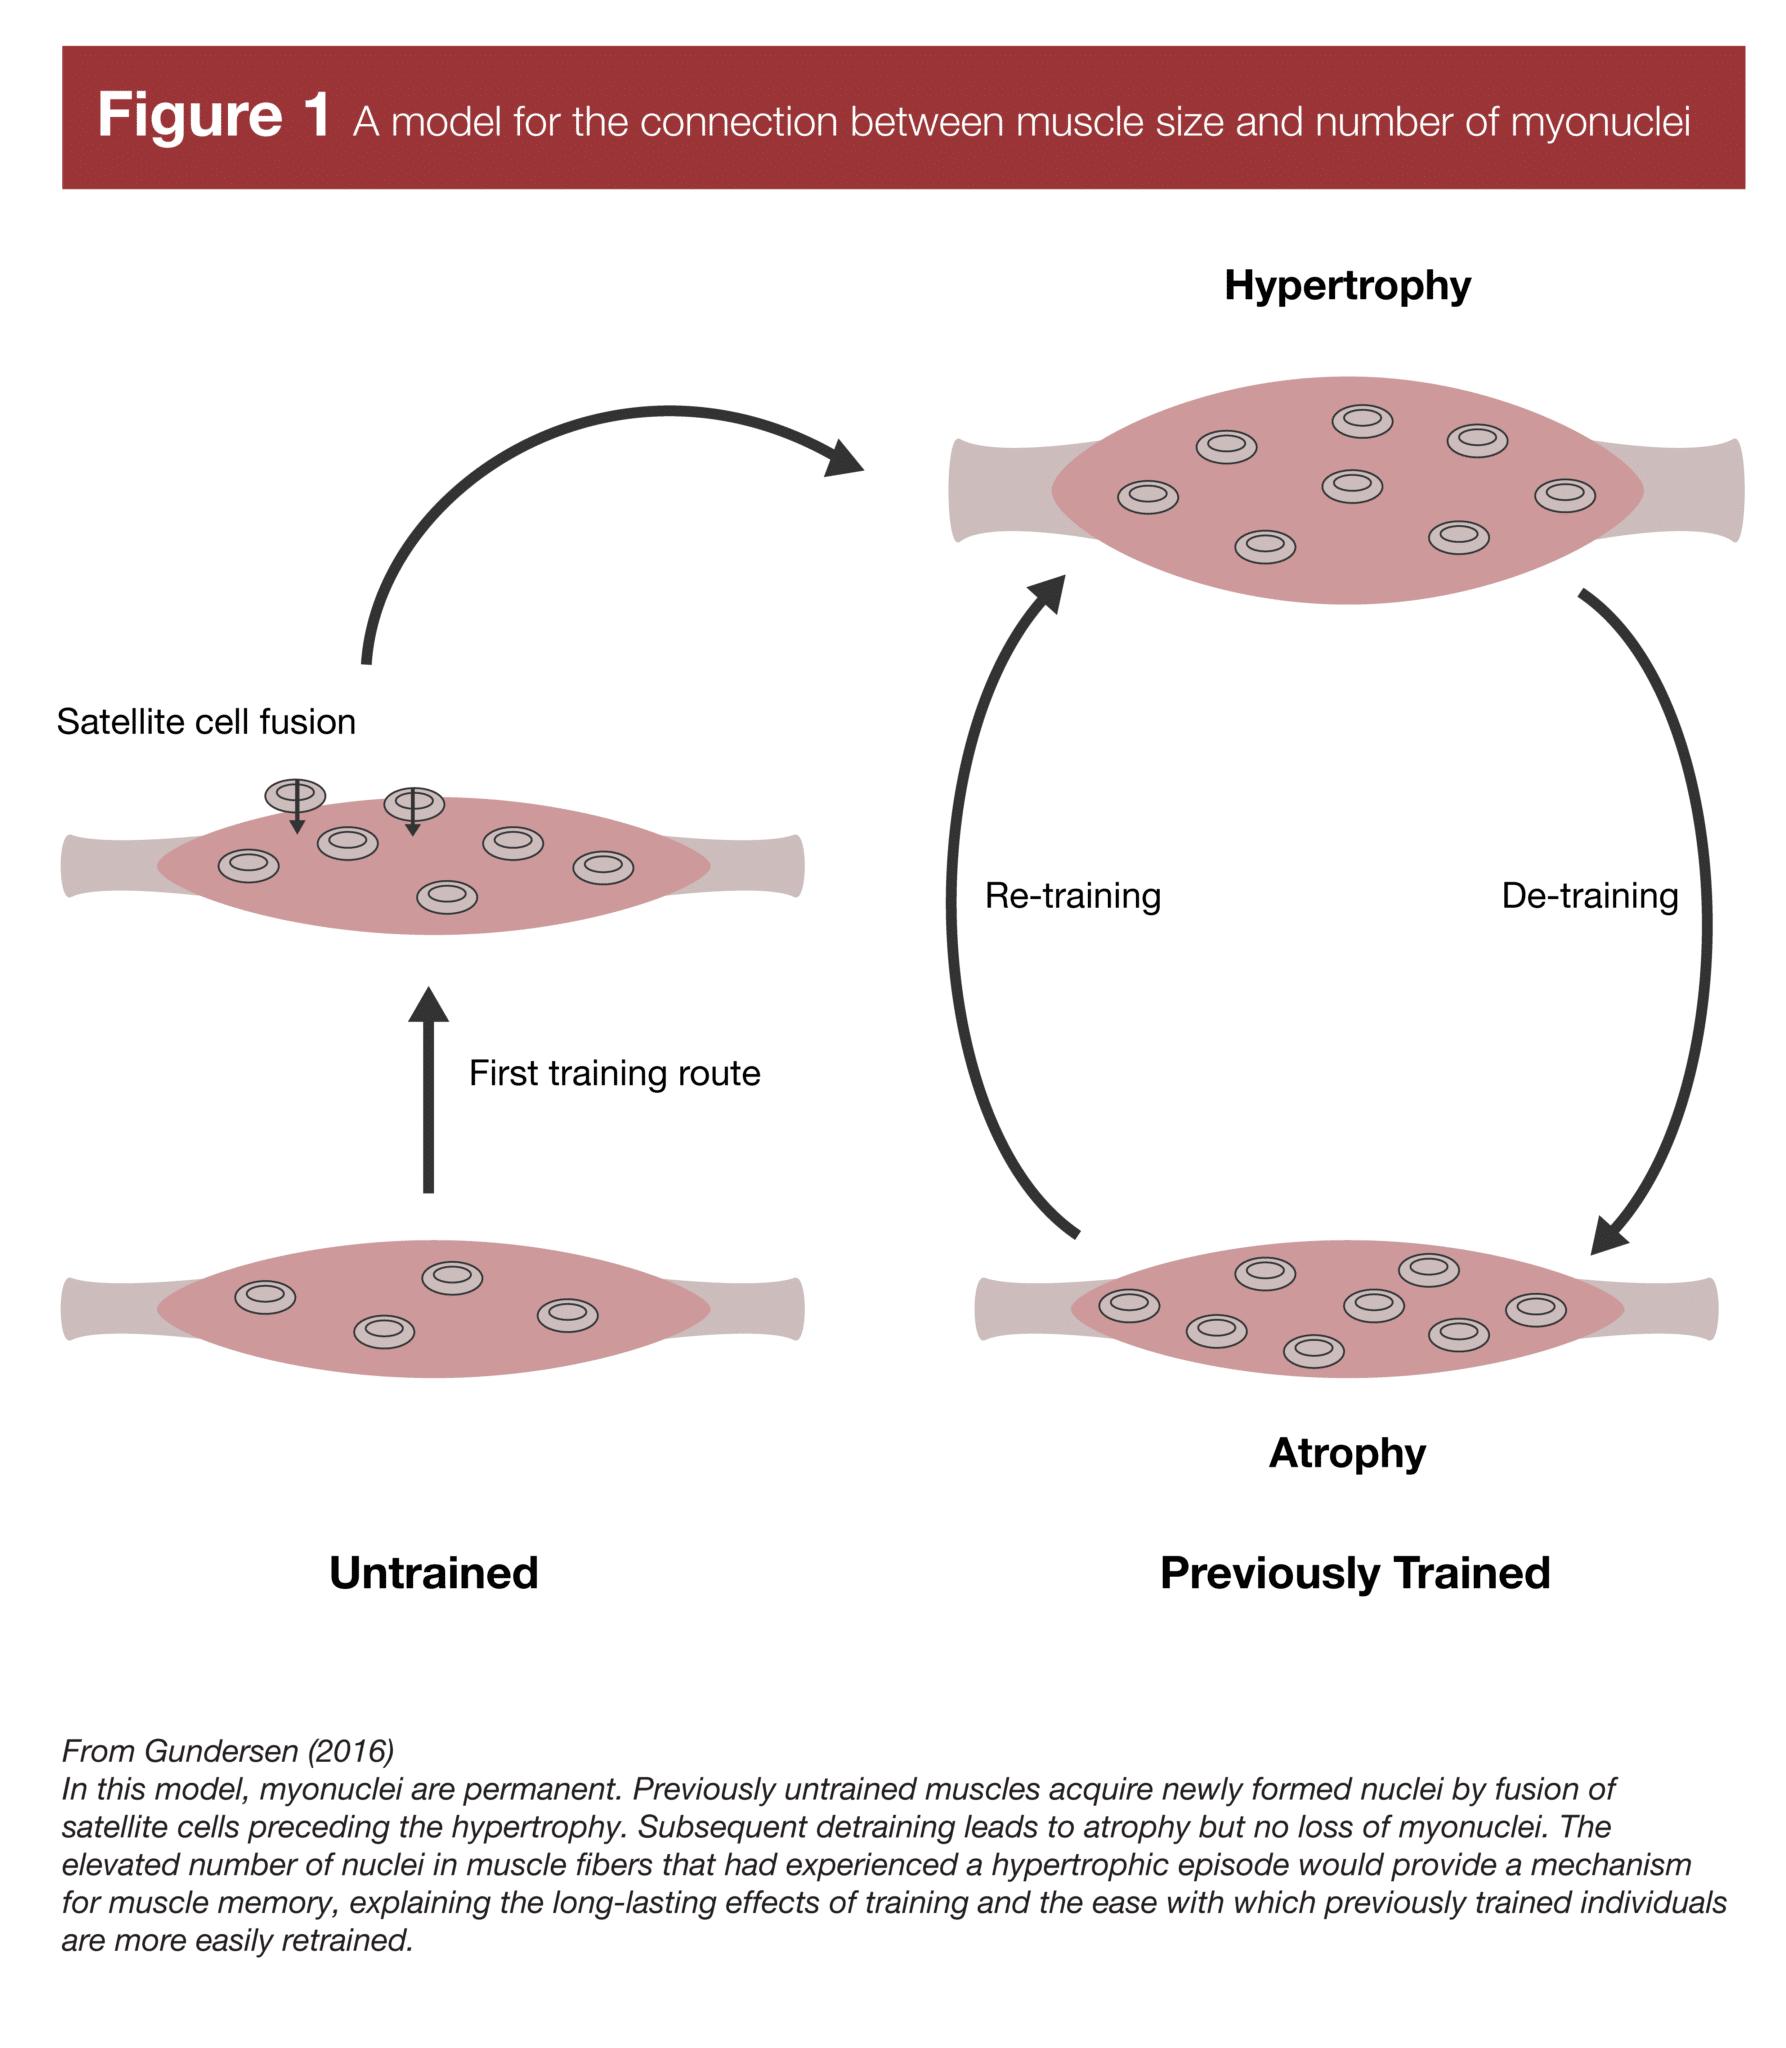 memoria muscular tamaño muscular y mionucleos